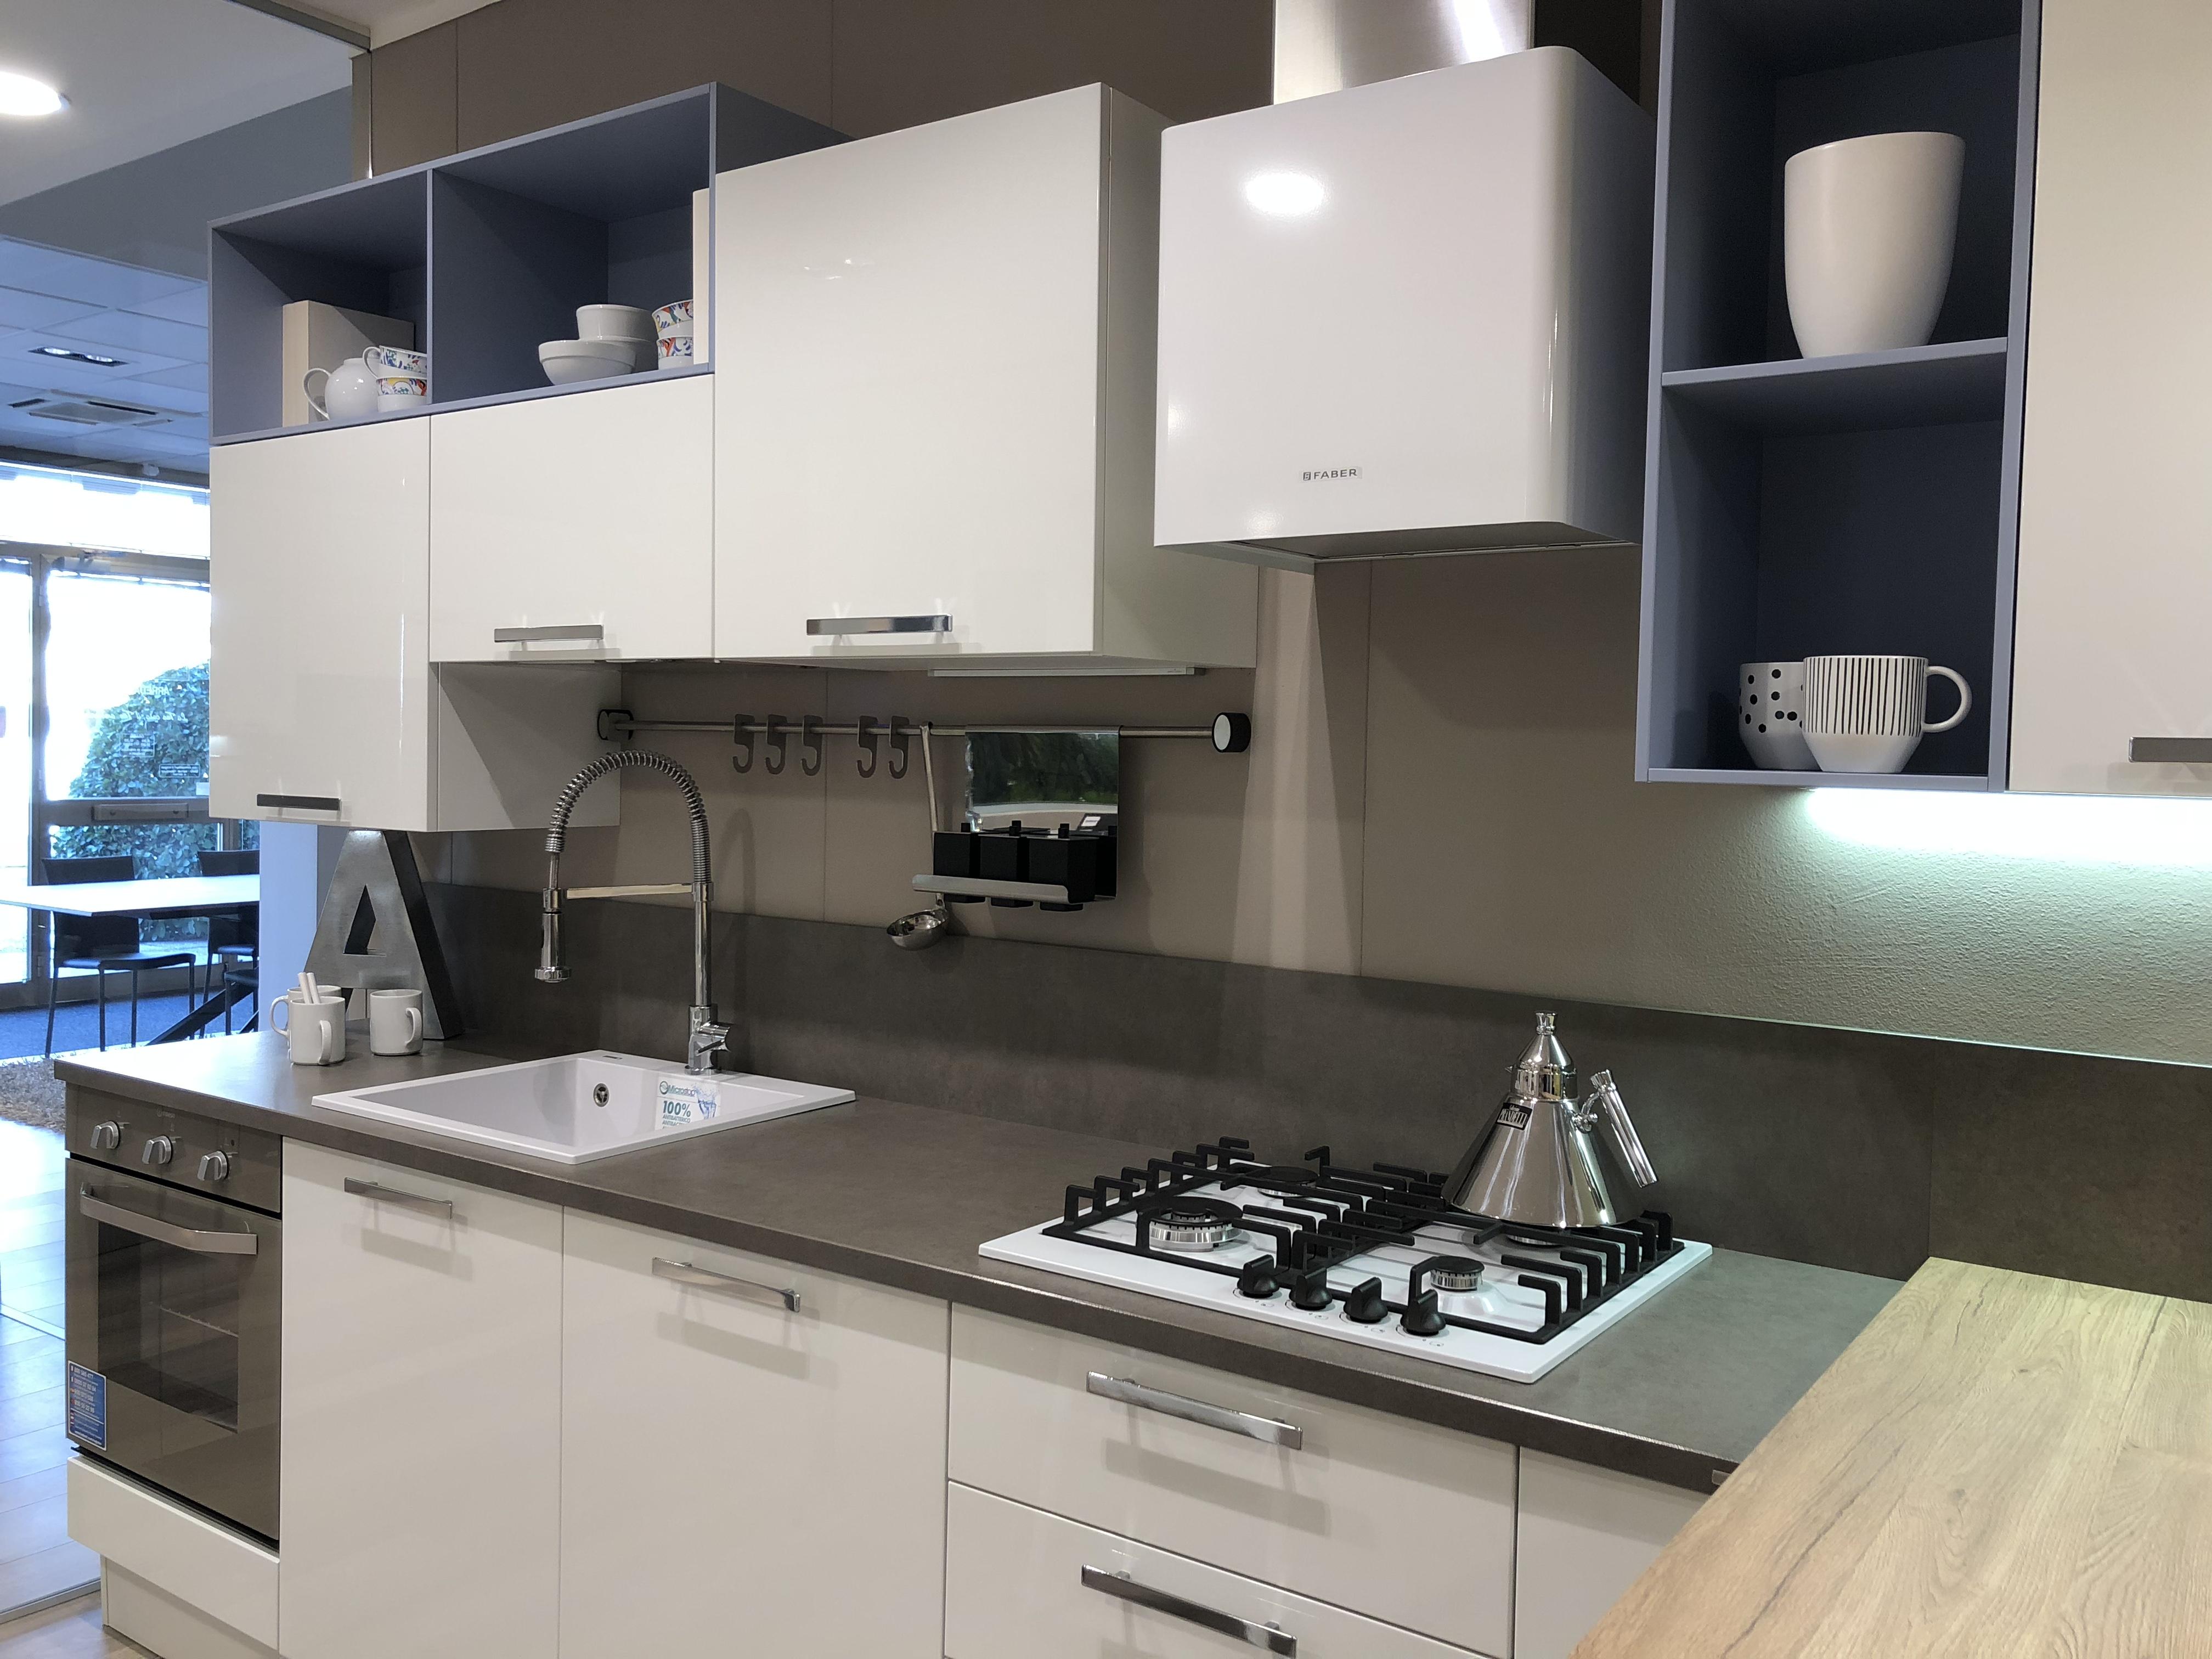 SAX Cucina Scavoliniin offerta per arredamento a Modena Maranello e ...